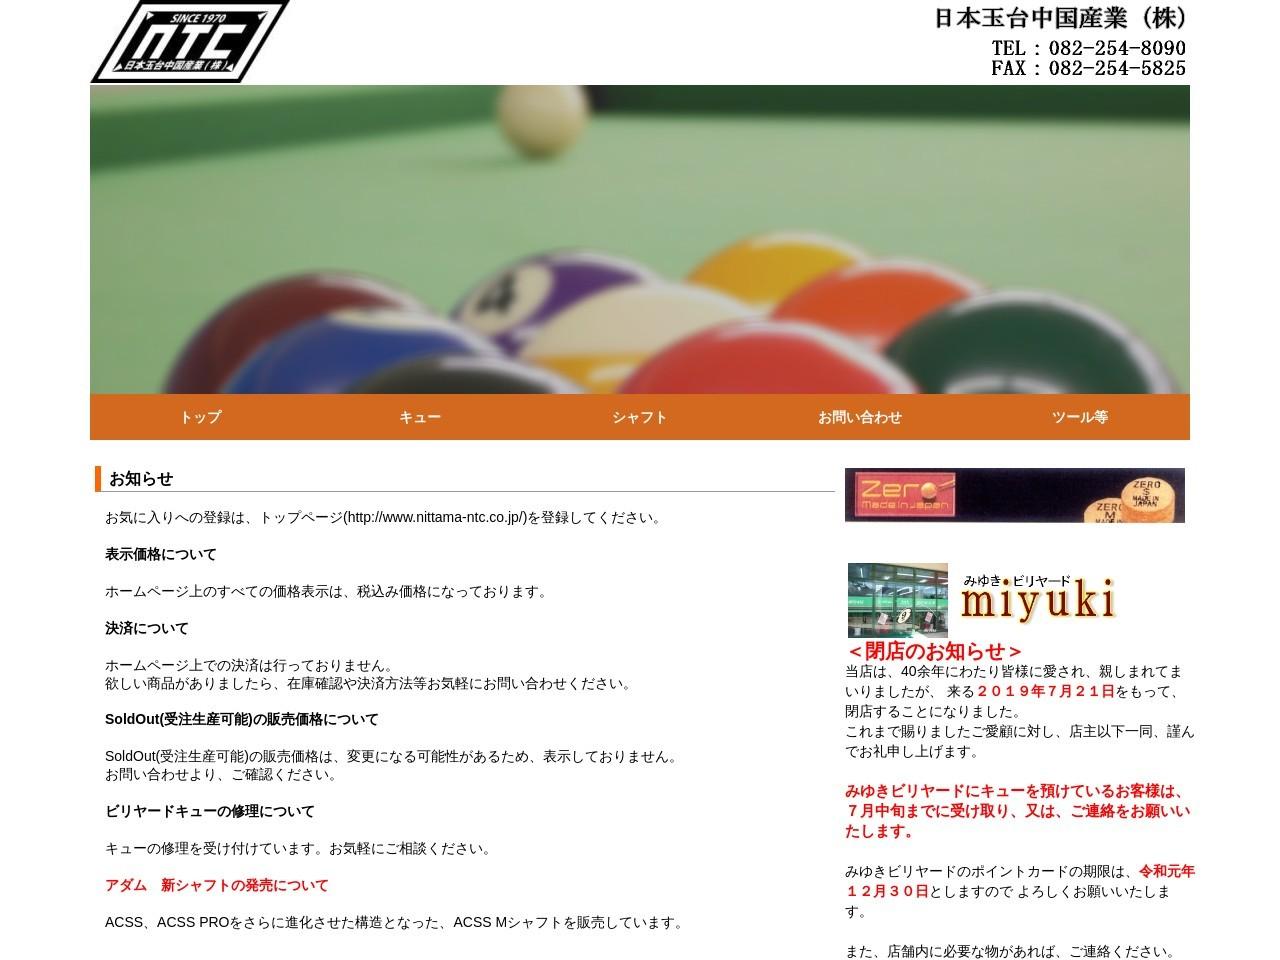 日本玉台中国産業株式会社